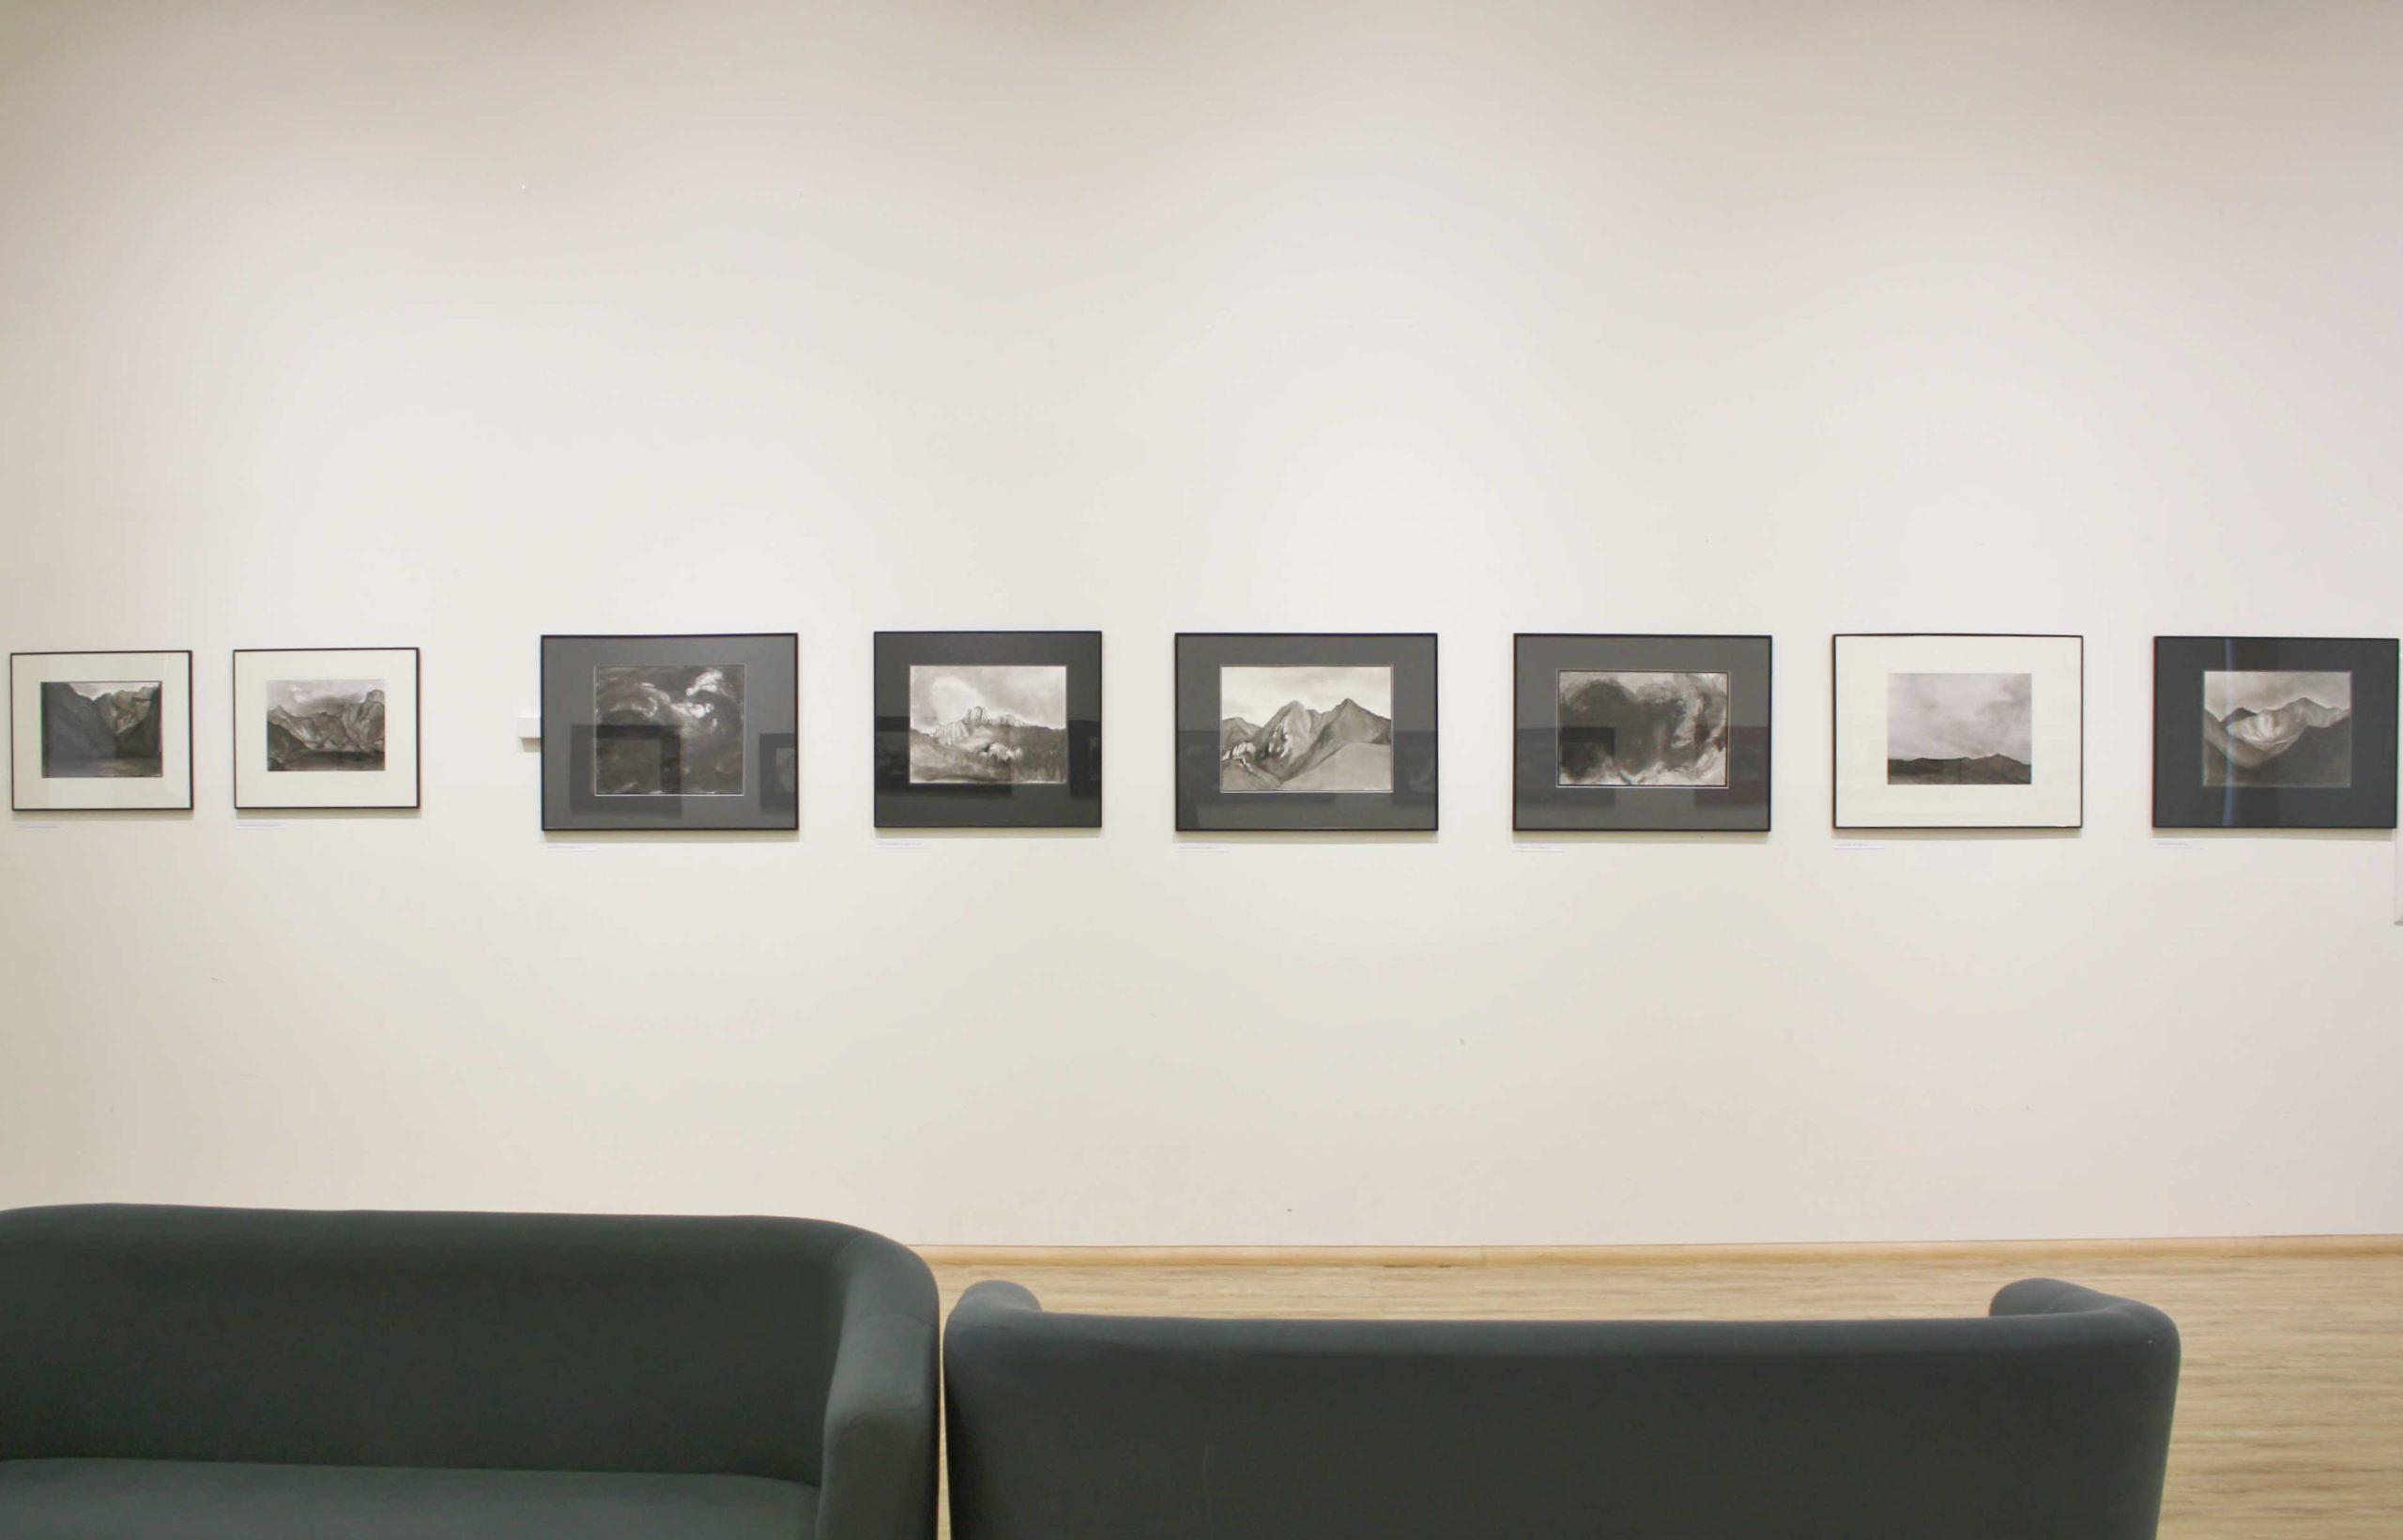 Exhibition at the Library Gallery of Kazimierz Wielki University, Bydgoszcz, 2020